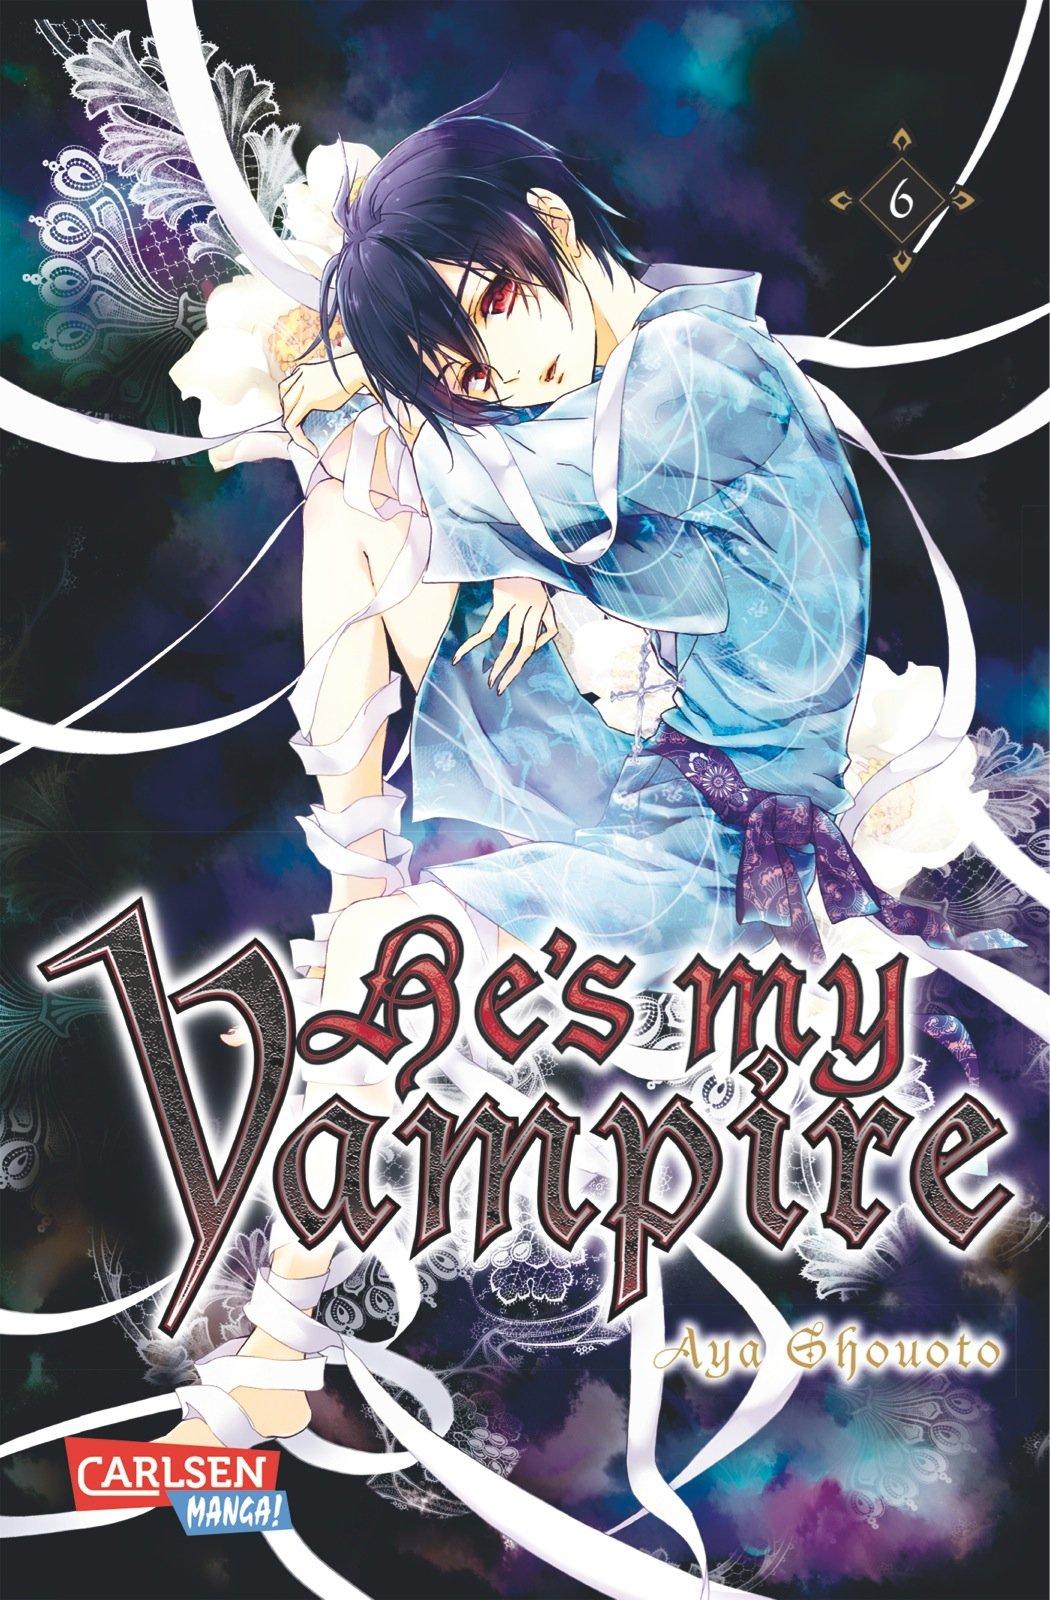 He's My Vampire, Band 6